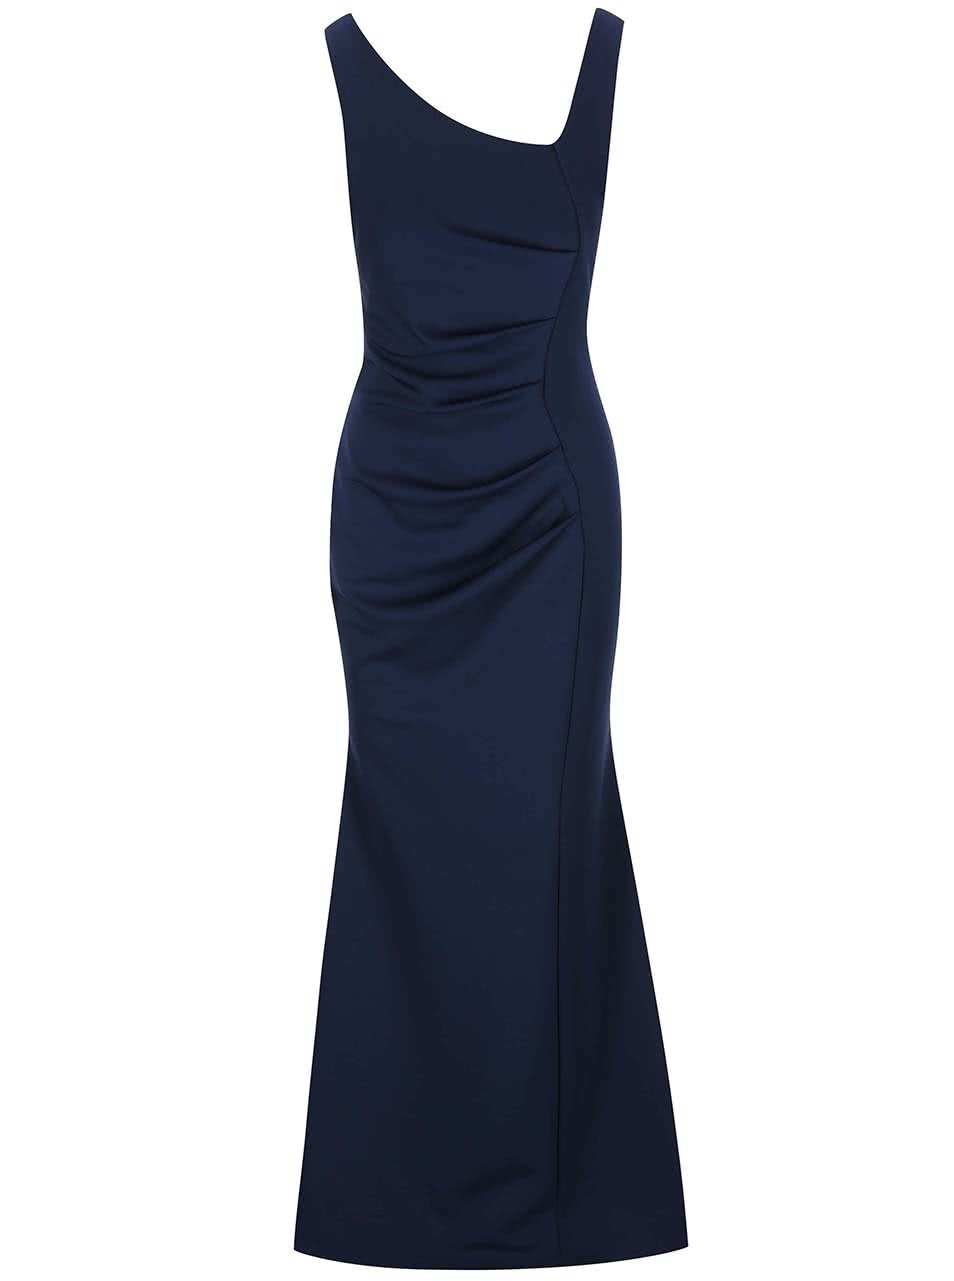 Tmavě modré dlouhé šaty Lipstick Boutique Veronica ... 3d9fdeeab1